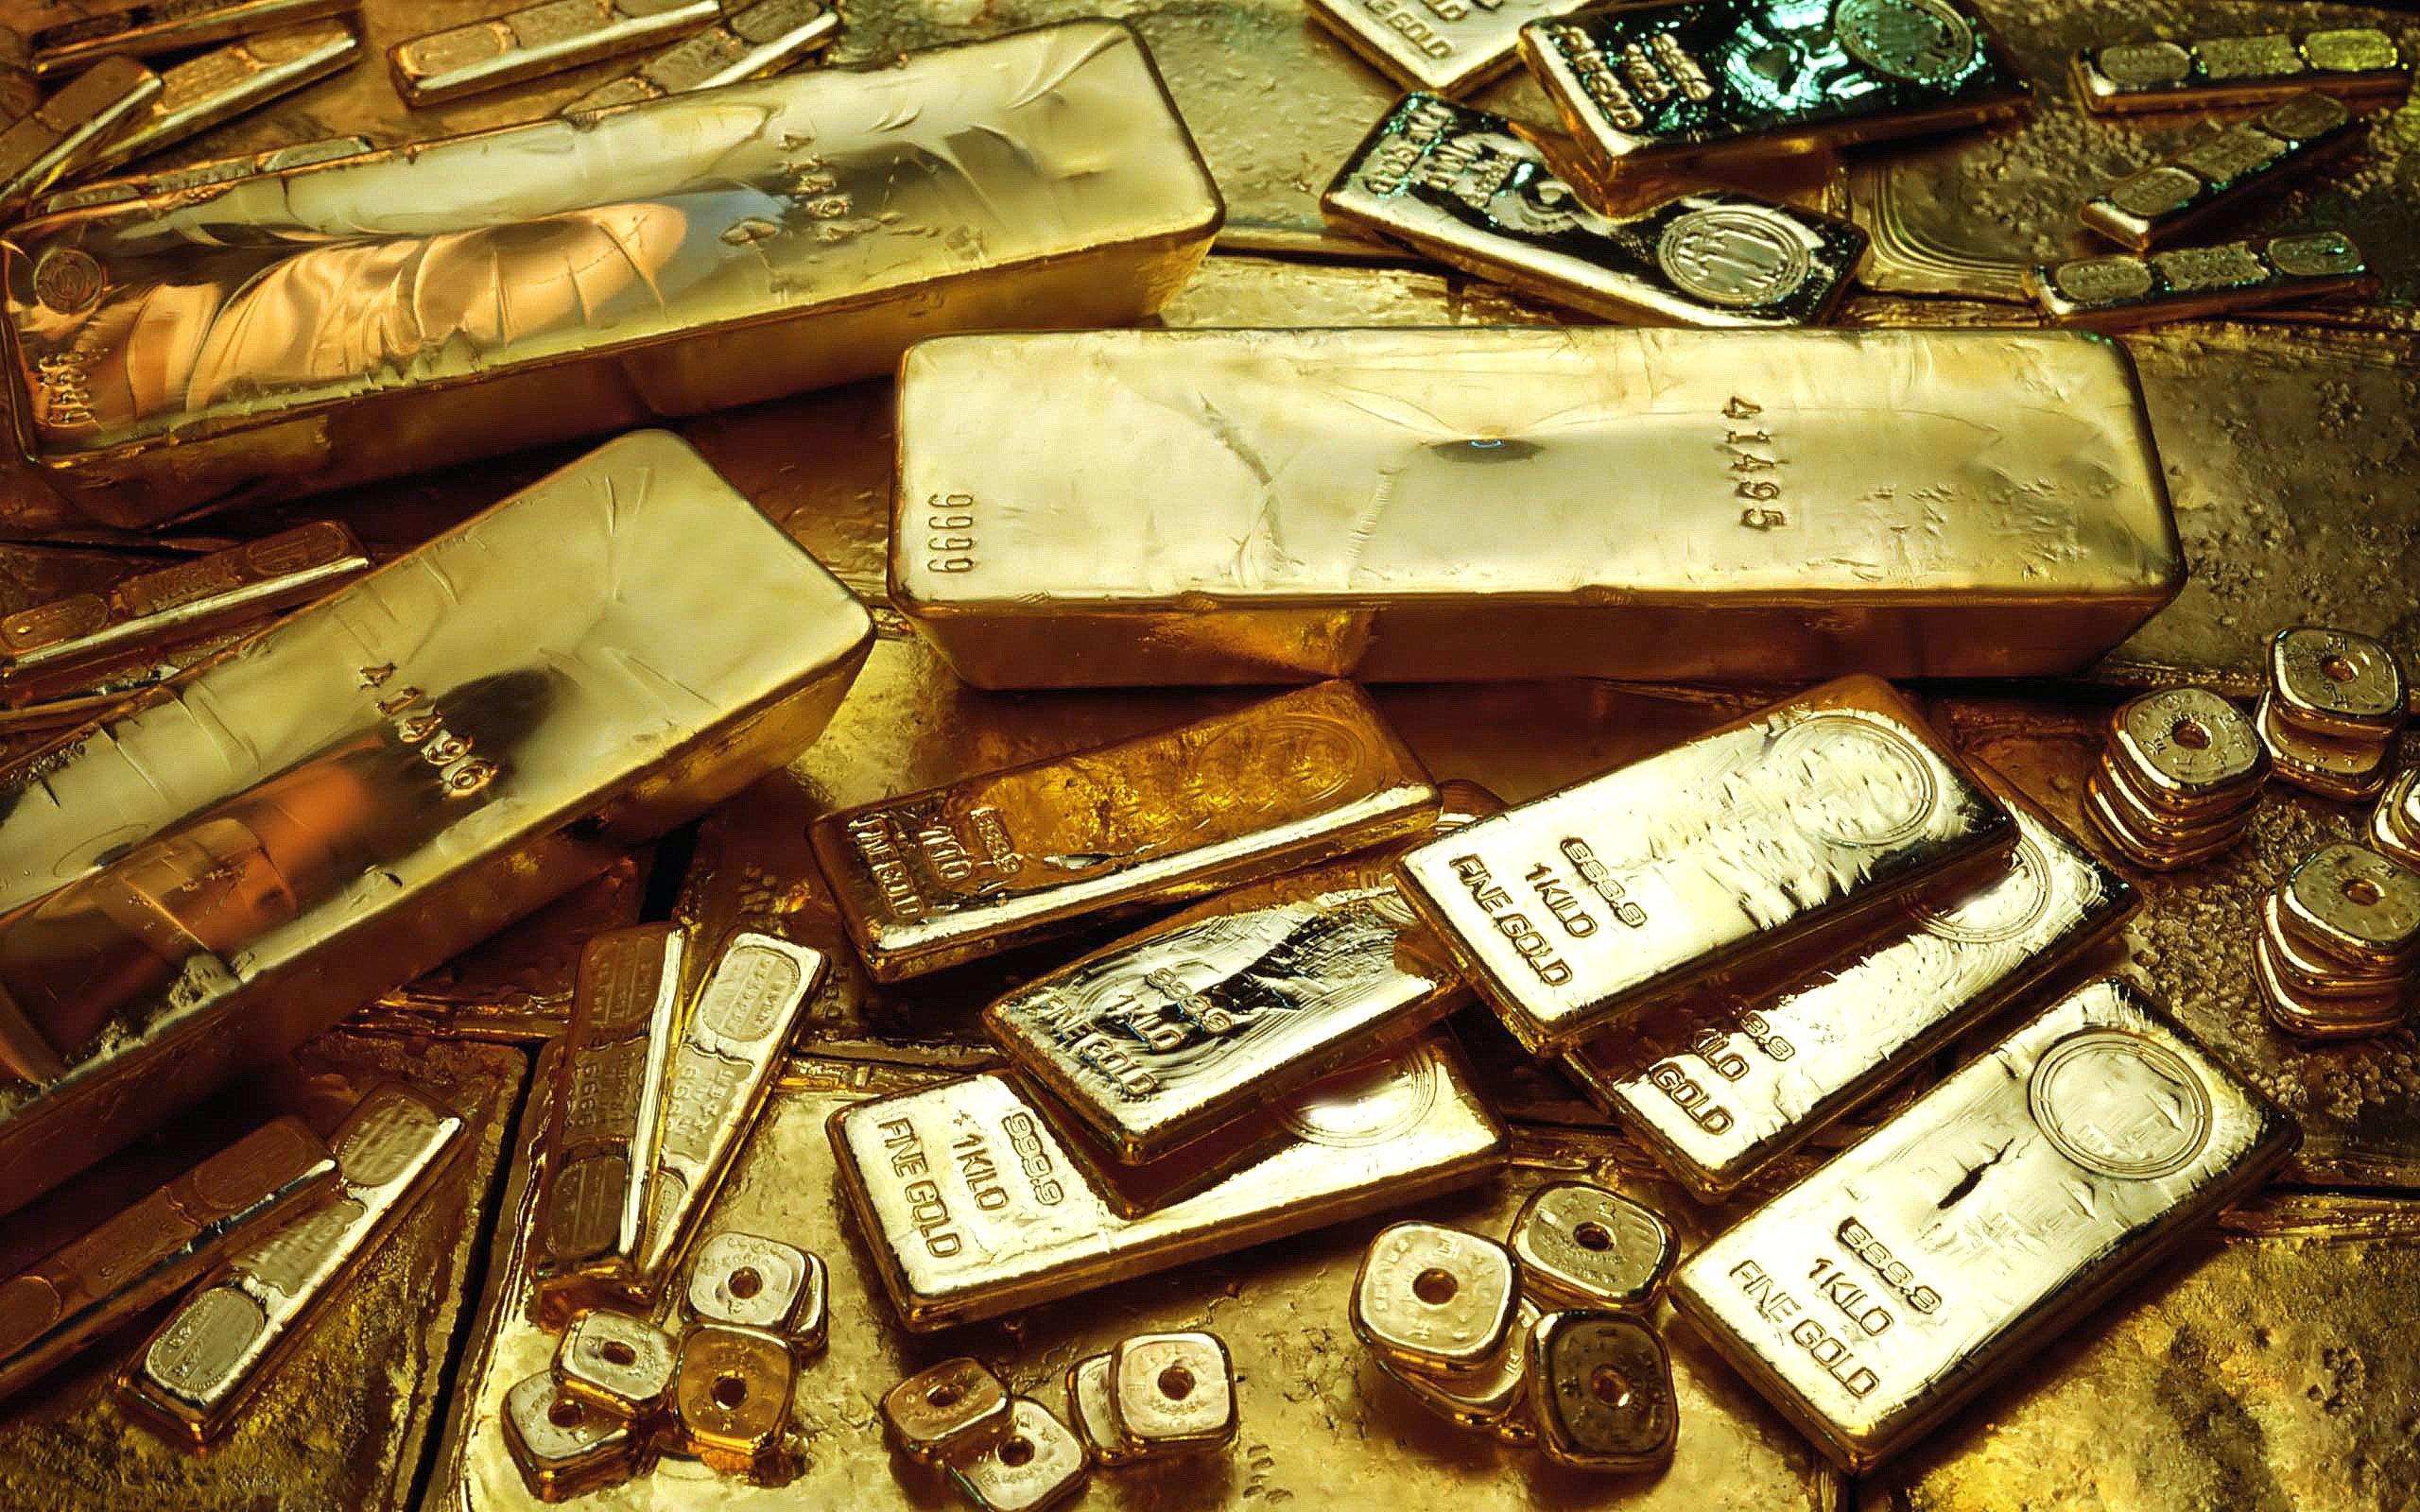 золото, слитки, финансы, широкоформатные, gold bars